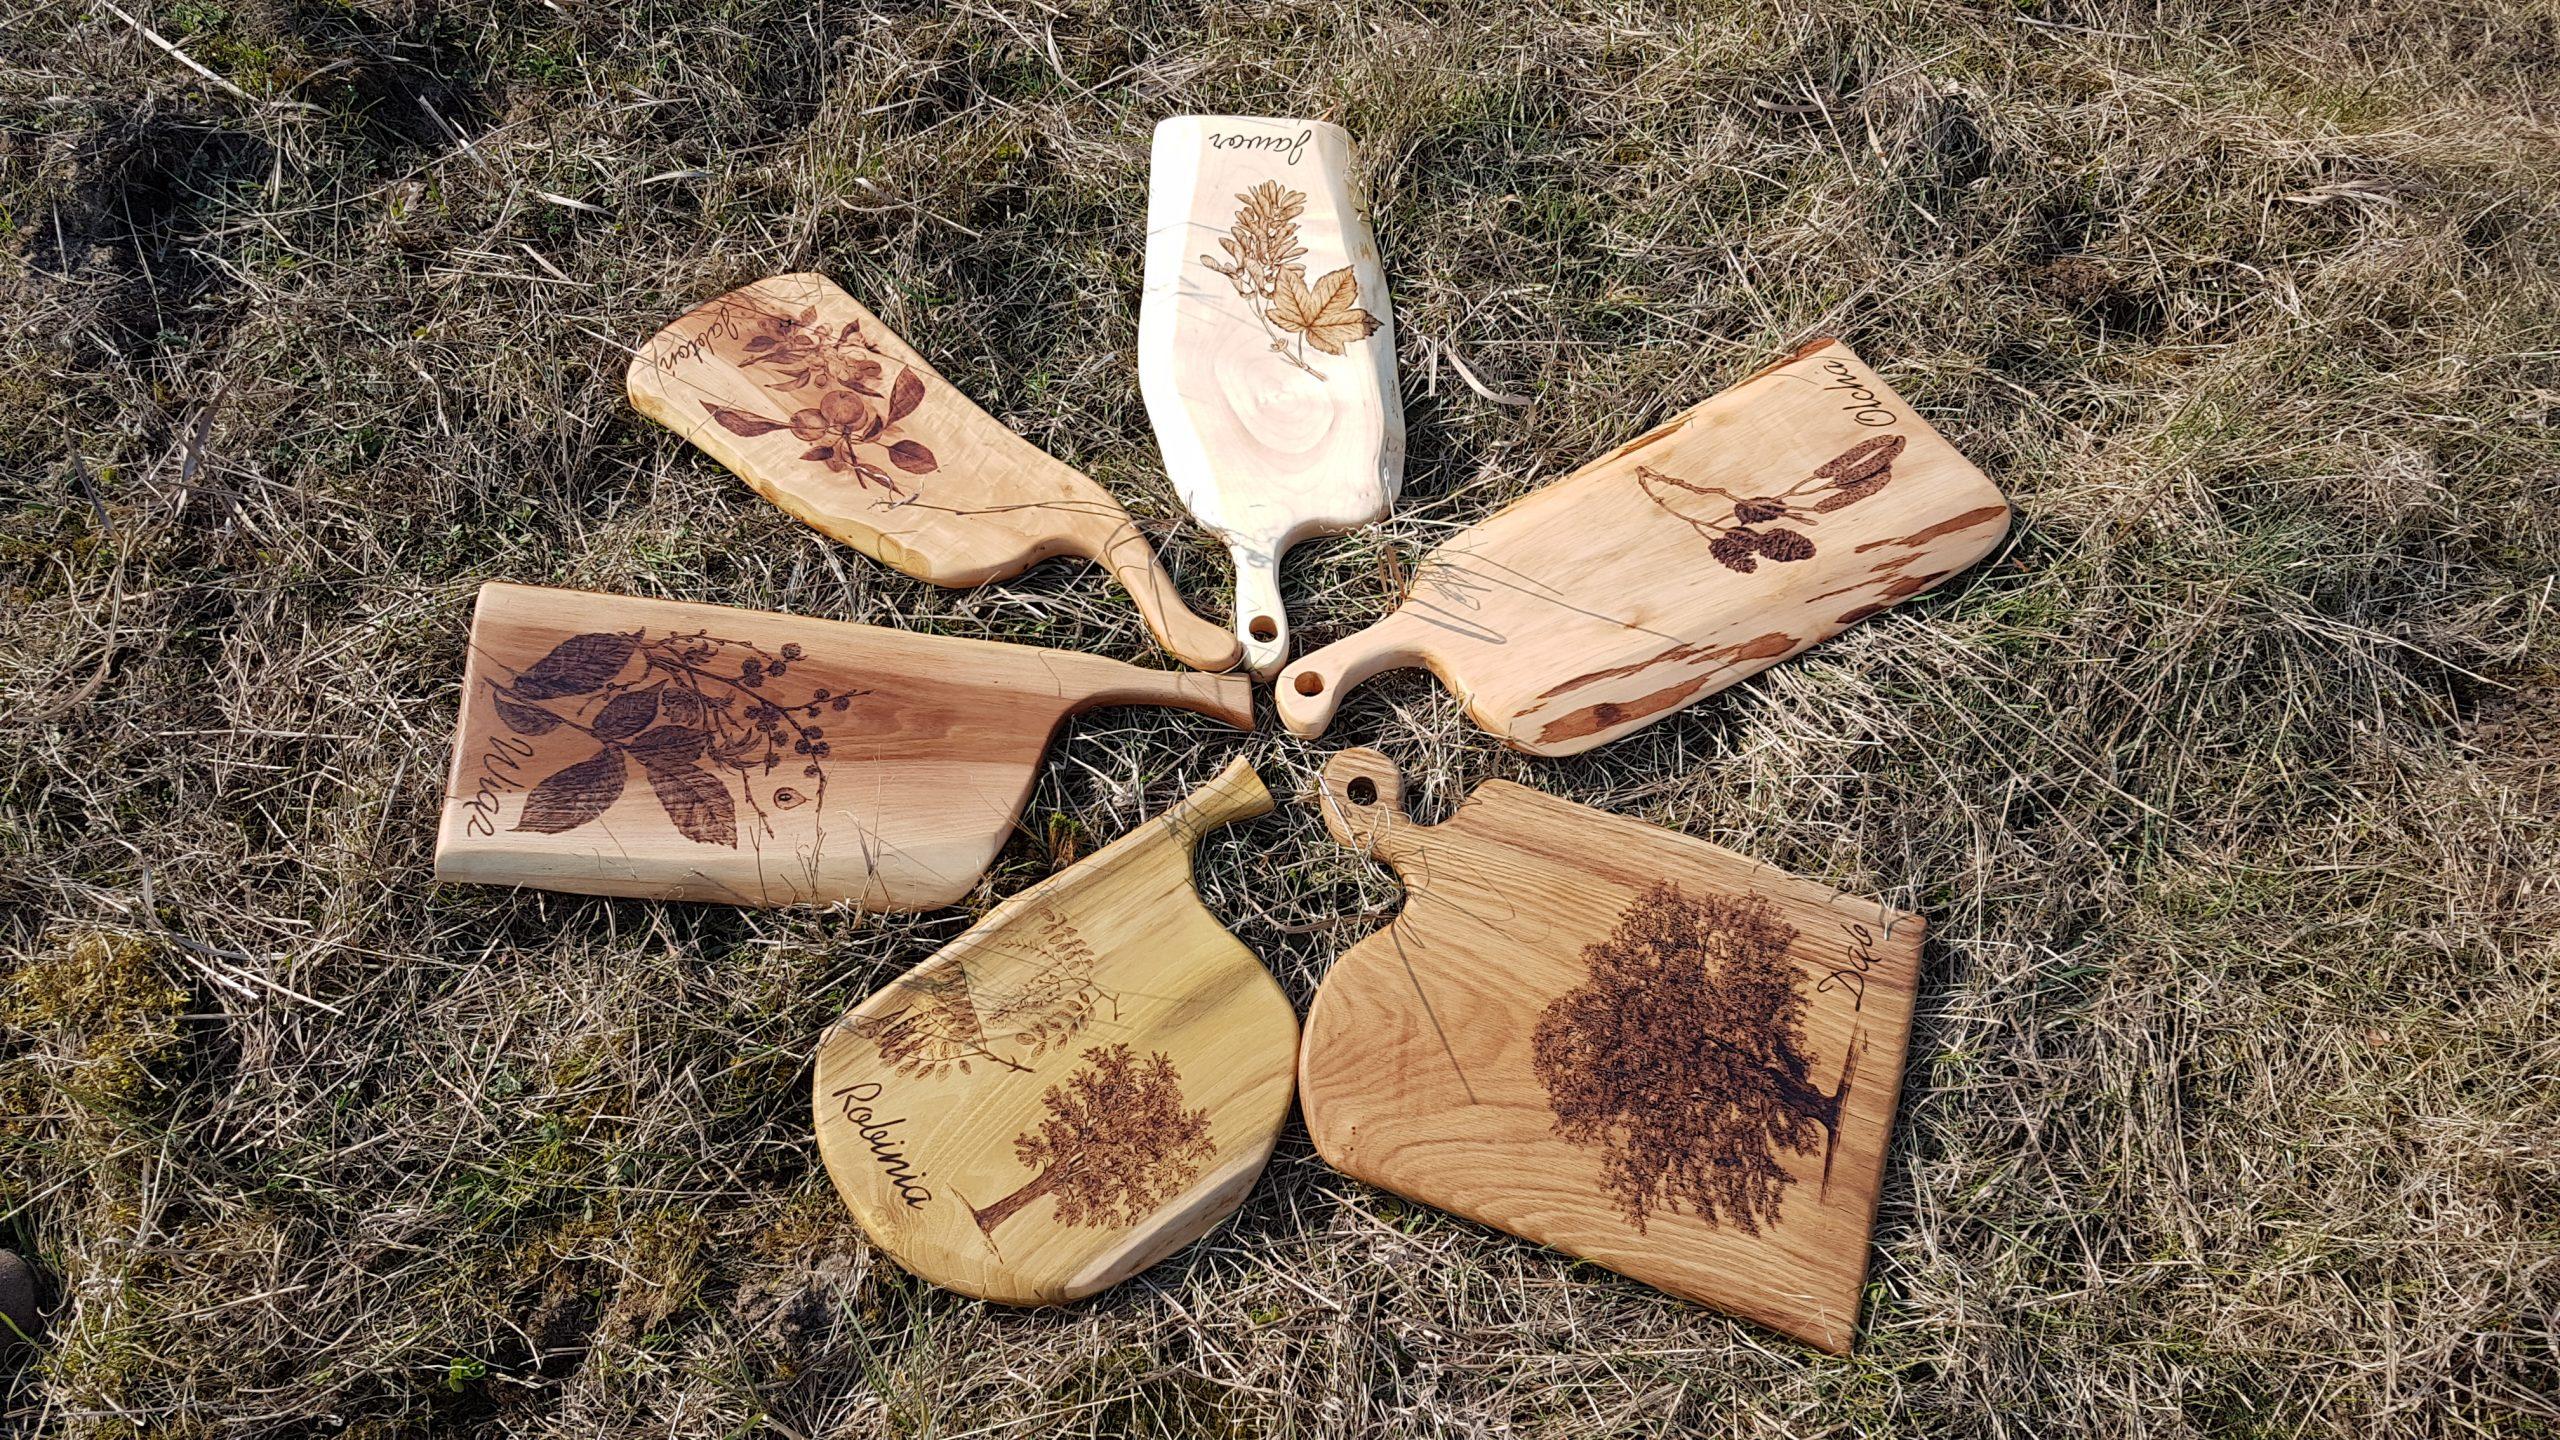 wypalanie w drewnie, sylwia, pirografia, janczyszyn, pyrography, handmade, rękodzieło, pomysł na prezent, deska, prezent dla kucharza